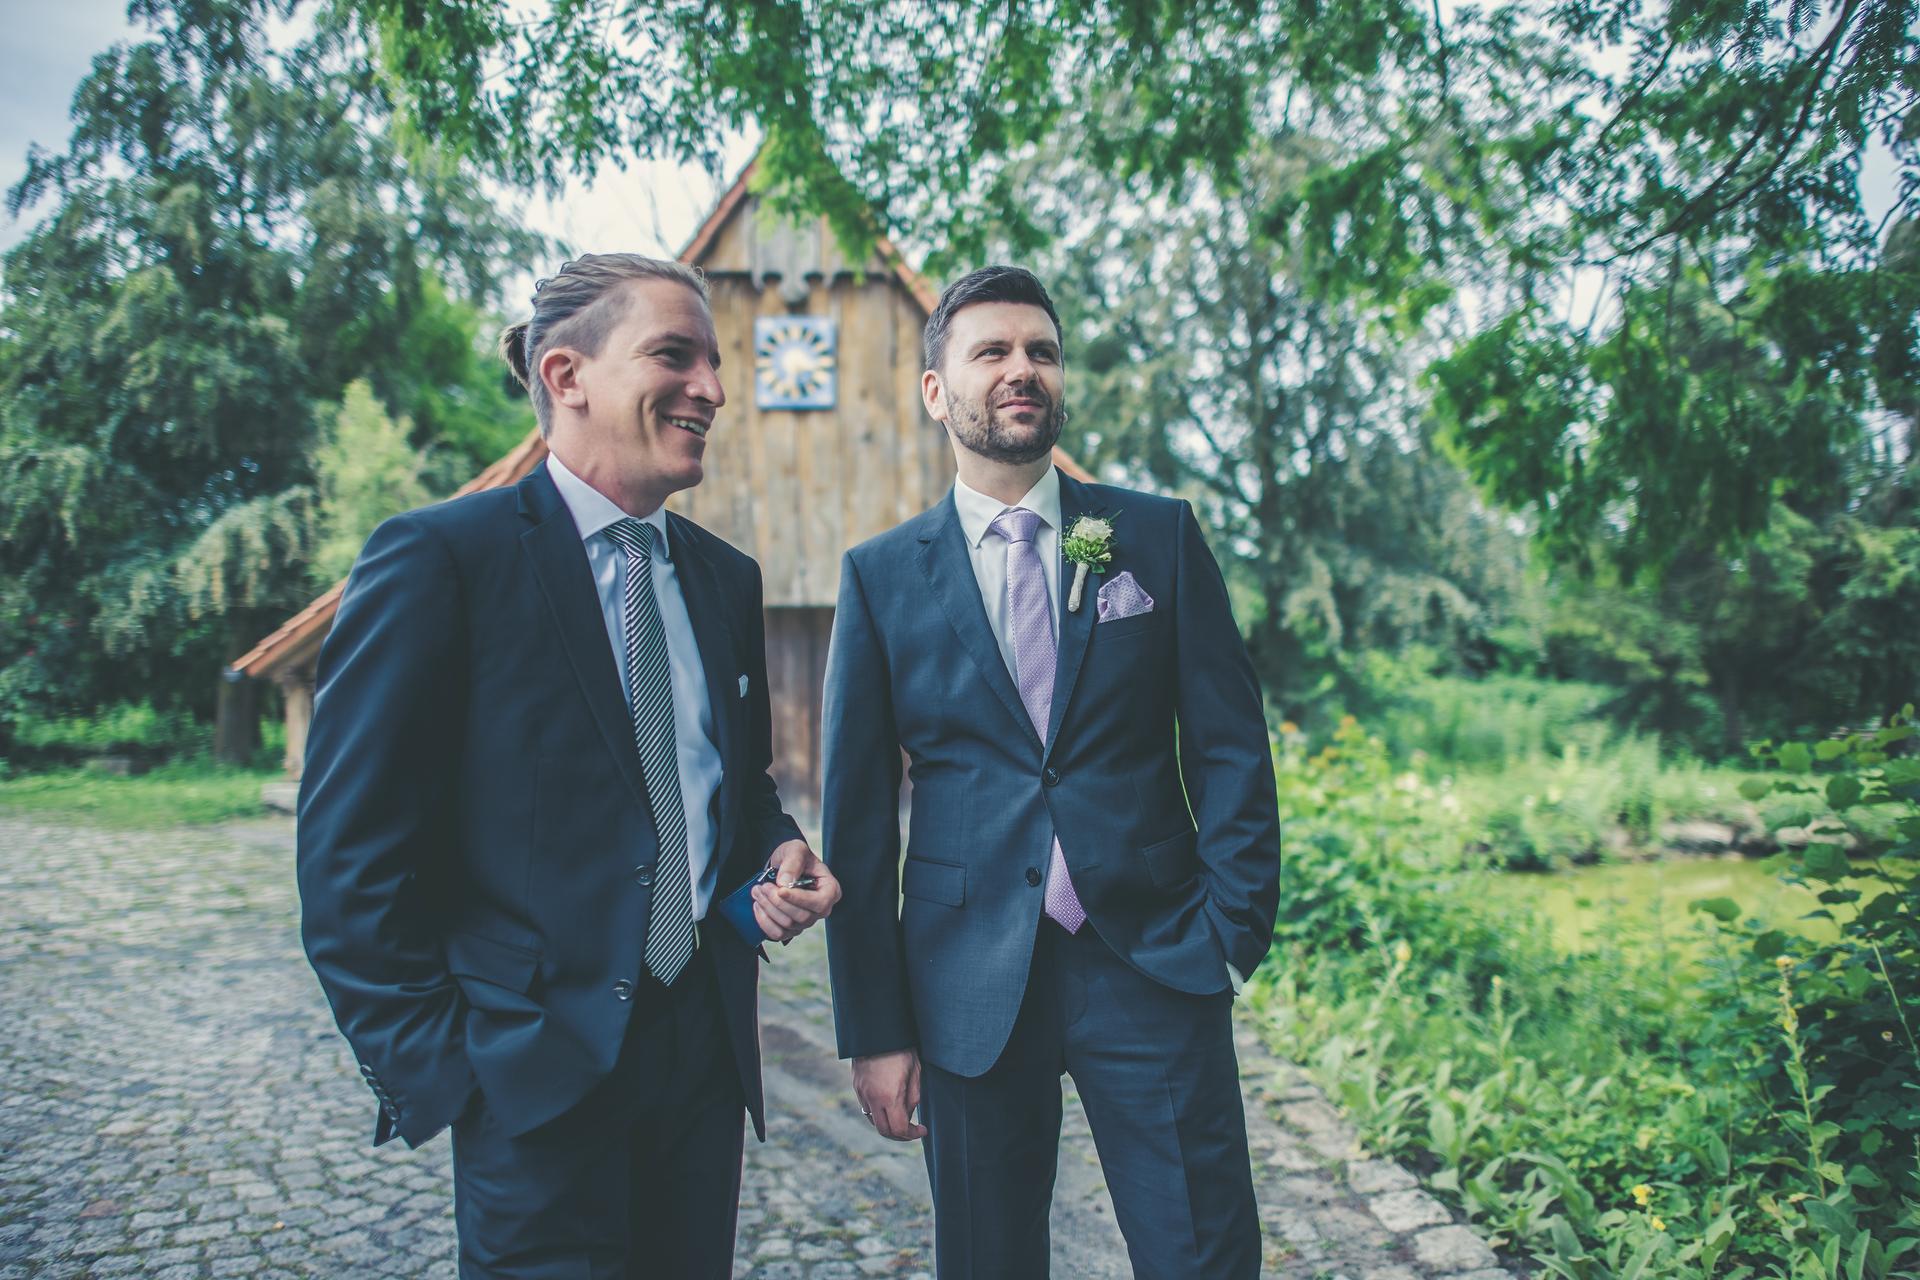 Hochzeit von Vanessa & Rafael am 16.06.2018 am Torhaus in Münster